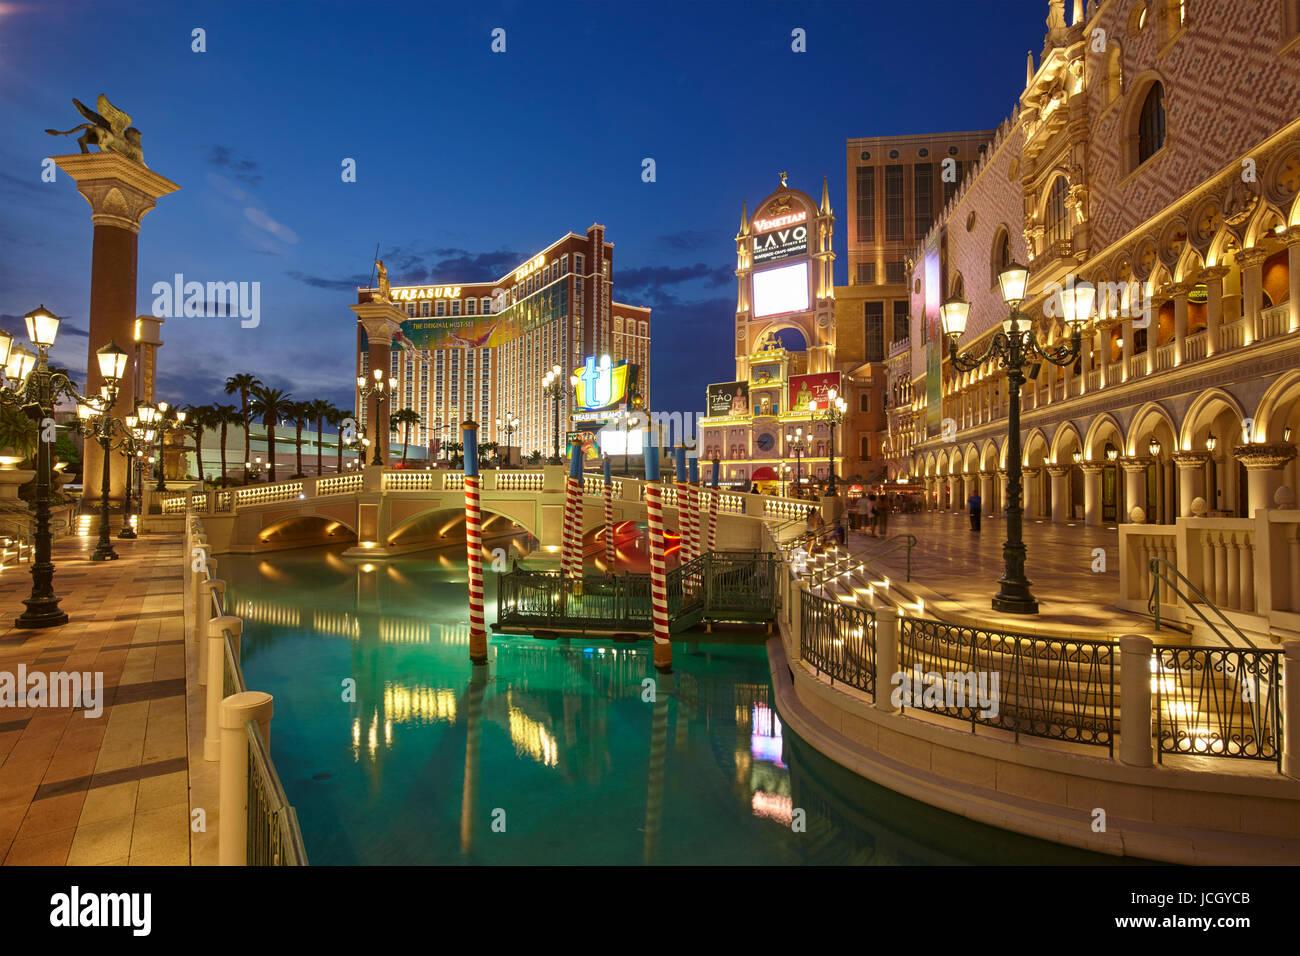 El hotel Venetian en Las Vegas, Nevada, Estados Unidos Imagen De Stock